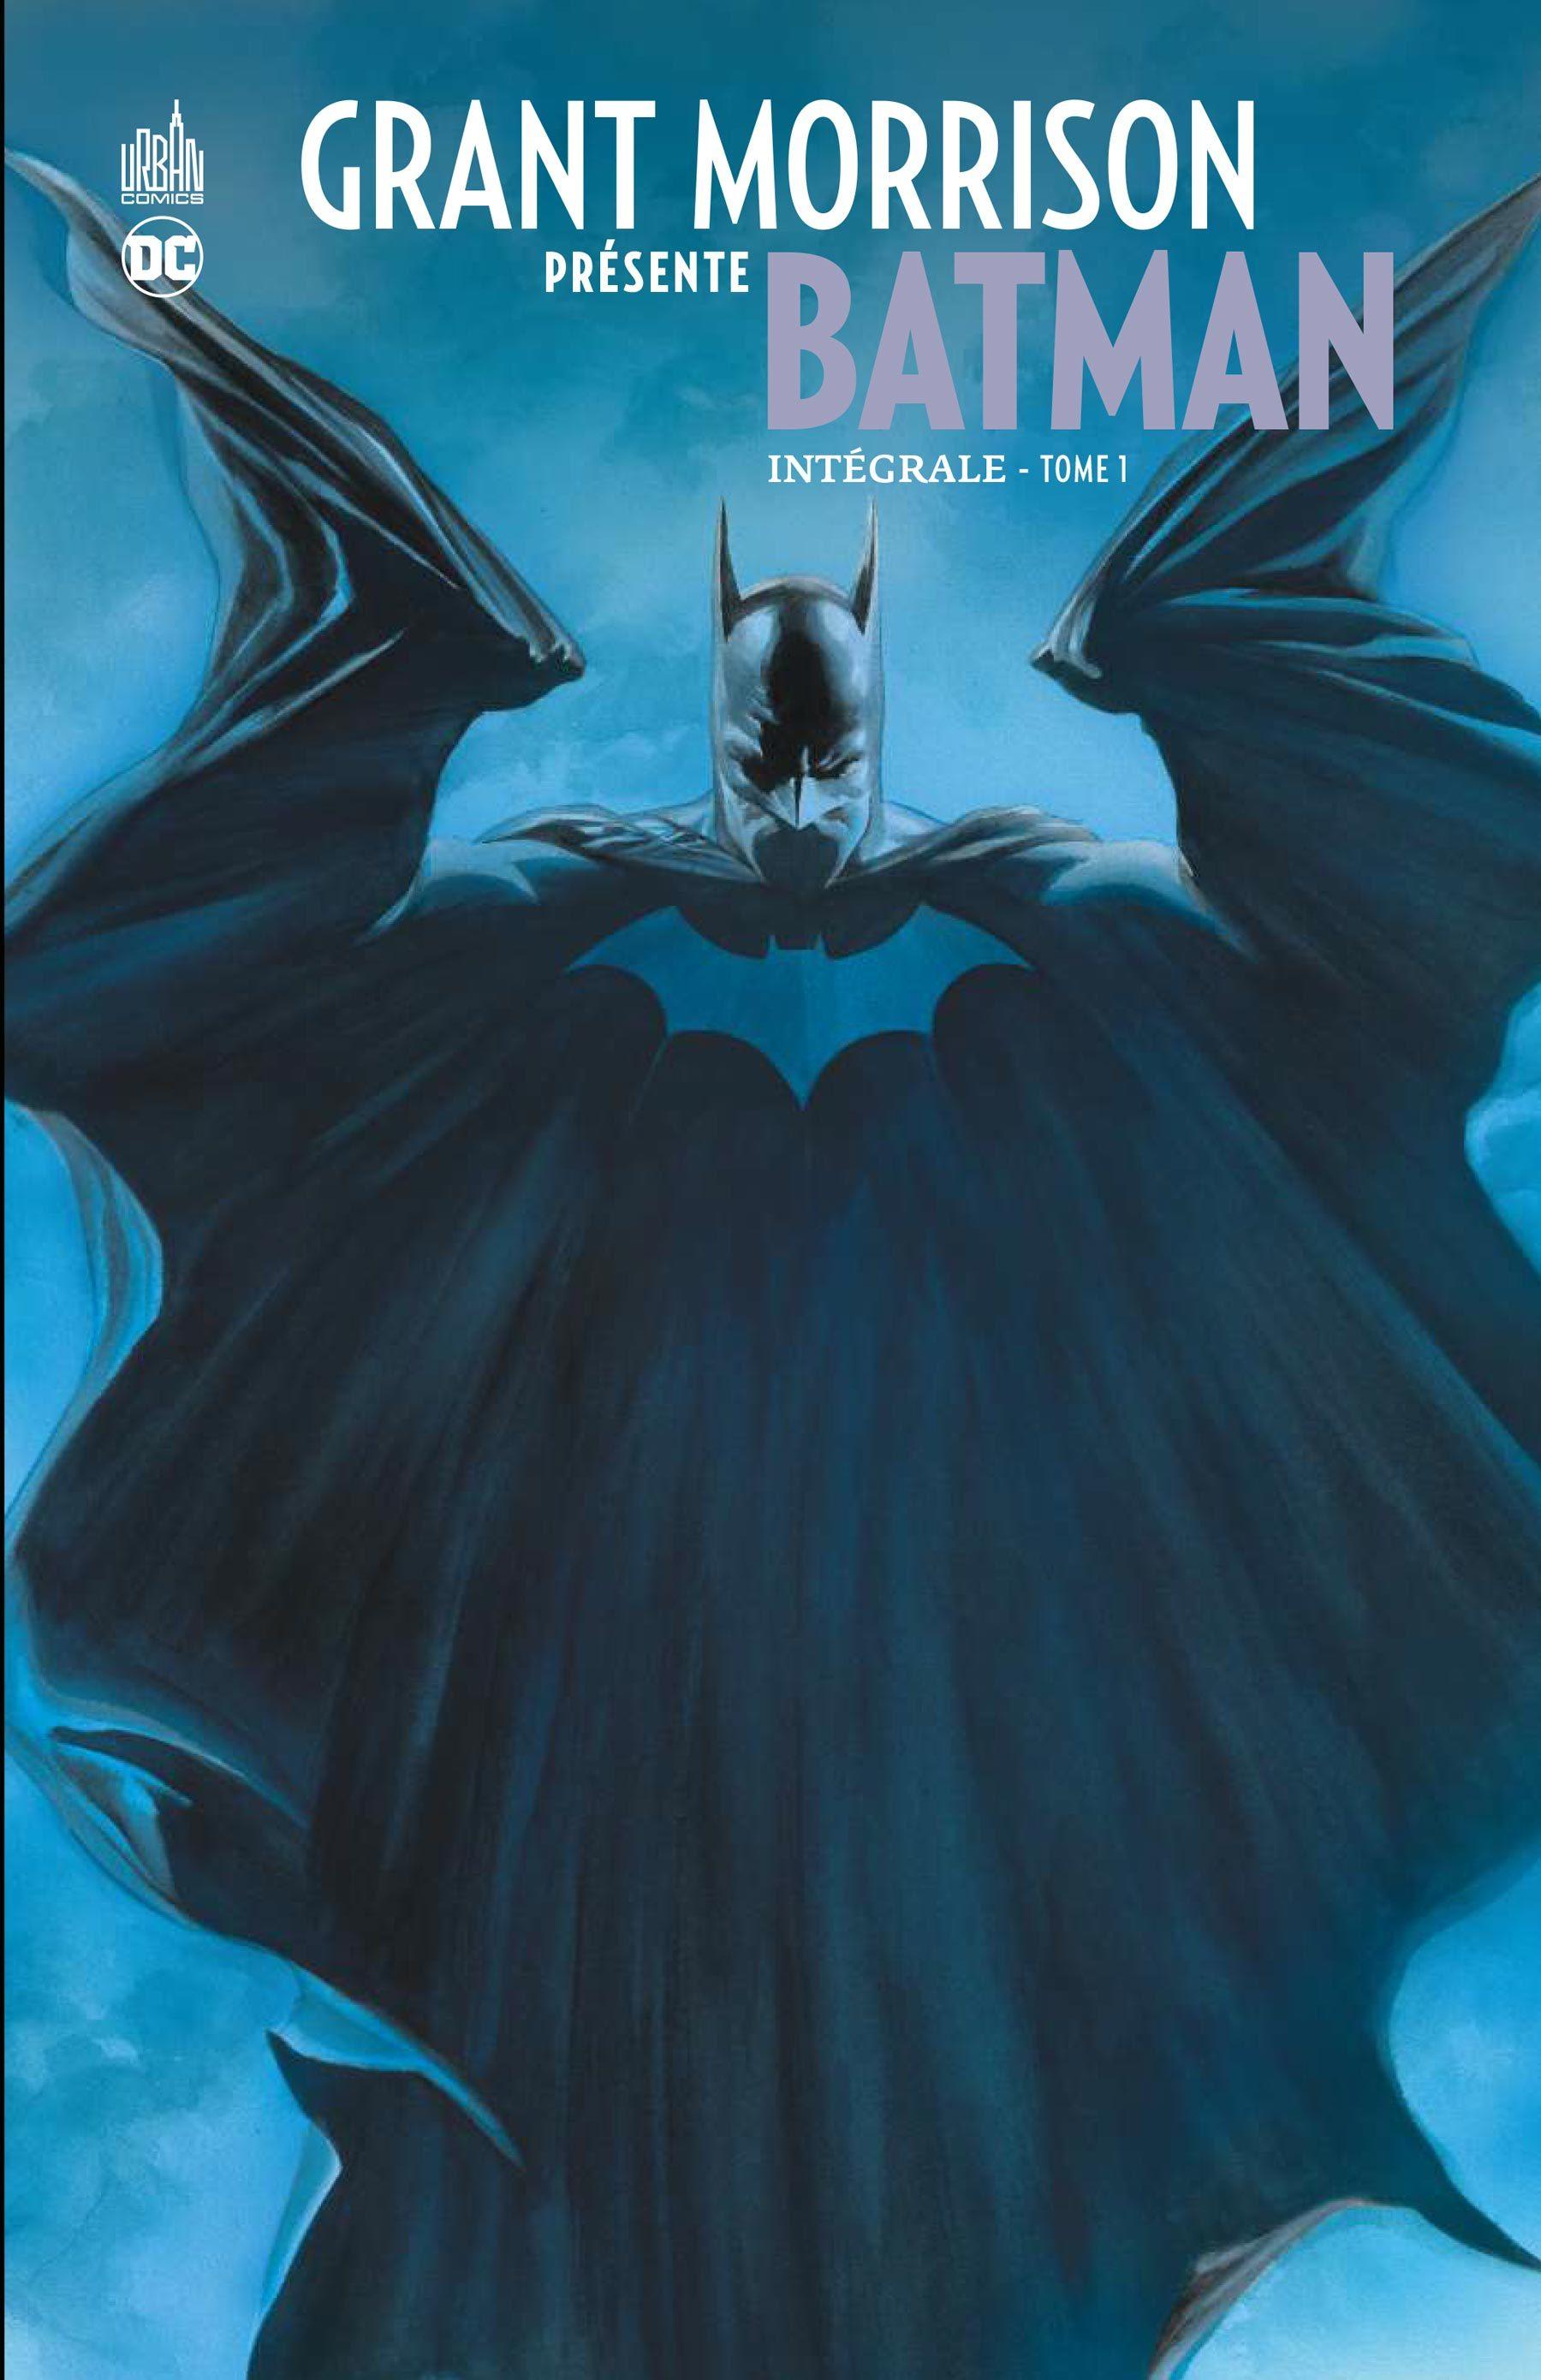 GRANT MORRISON PRESENTE BATMAN INTEGRALE TOME 1